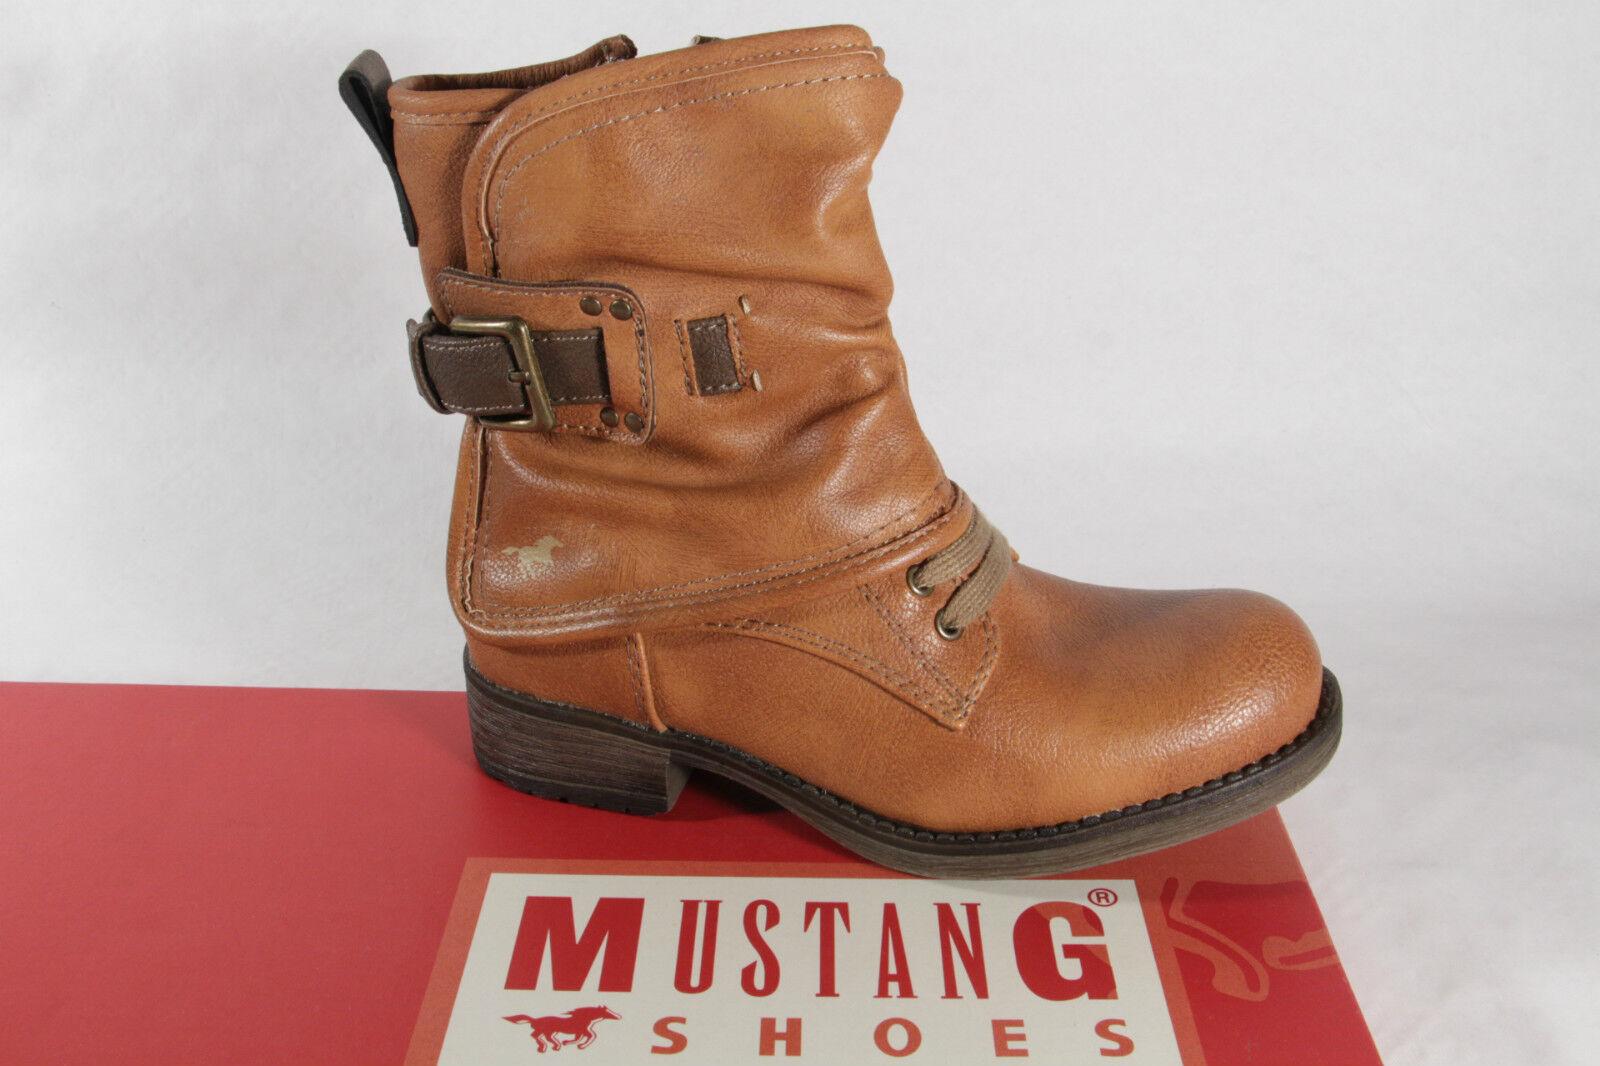 Mustang Stiefel Stiefelette Stiefeletten Stiefeletten Stiefeletten Winterstiefel Stiefel braun 5026 NEU 8f8d3b